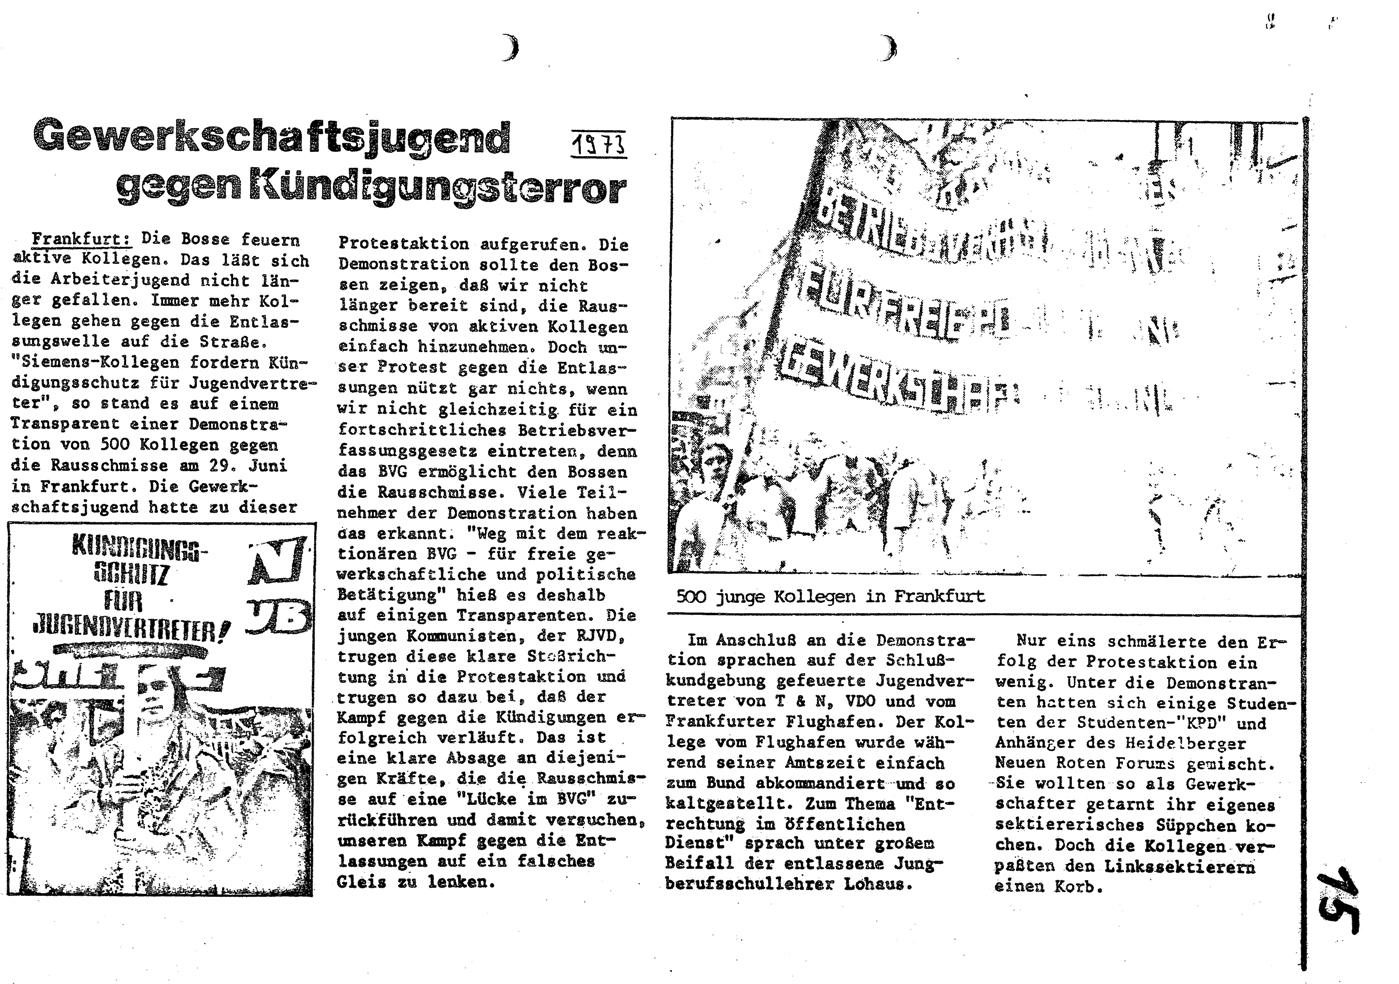 KABRW_Arbeitshefte_1977_25_014